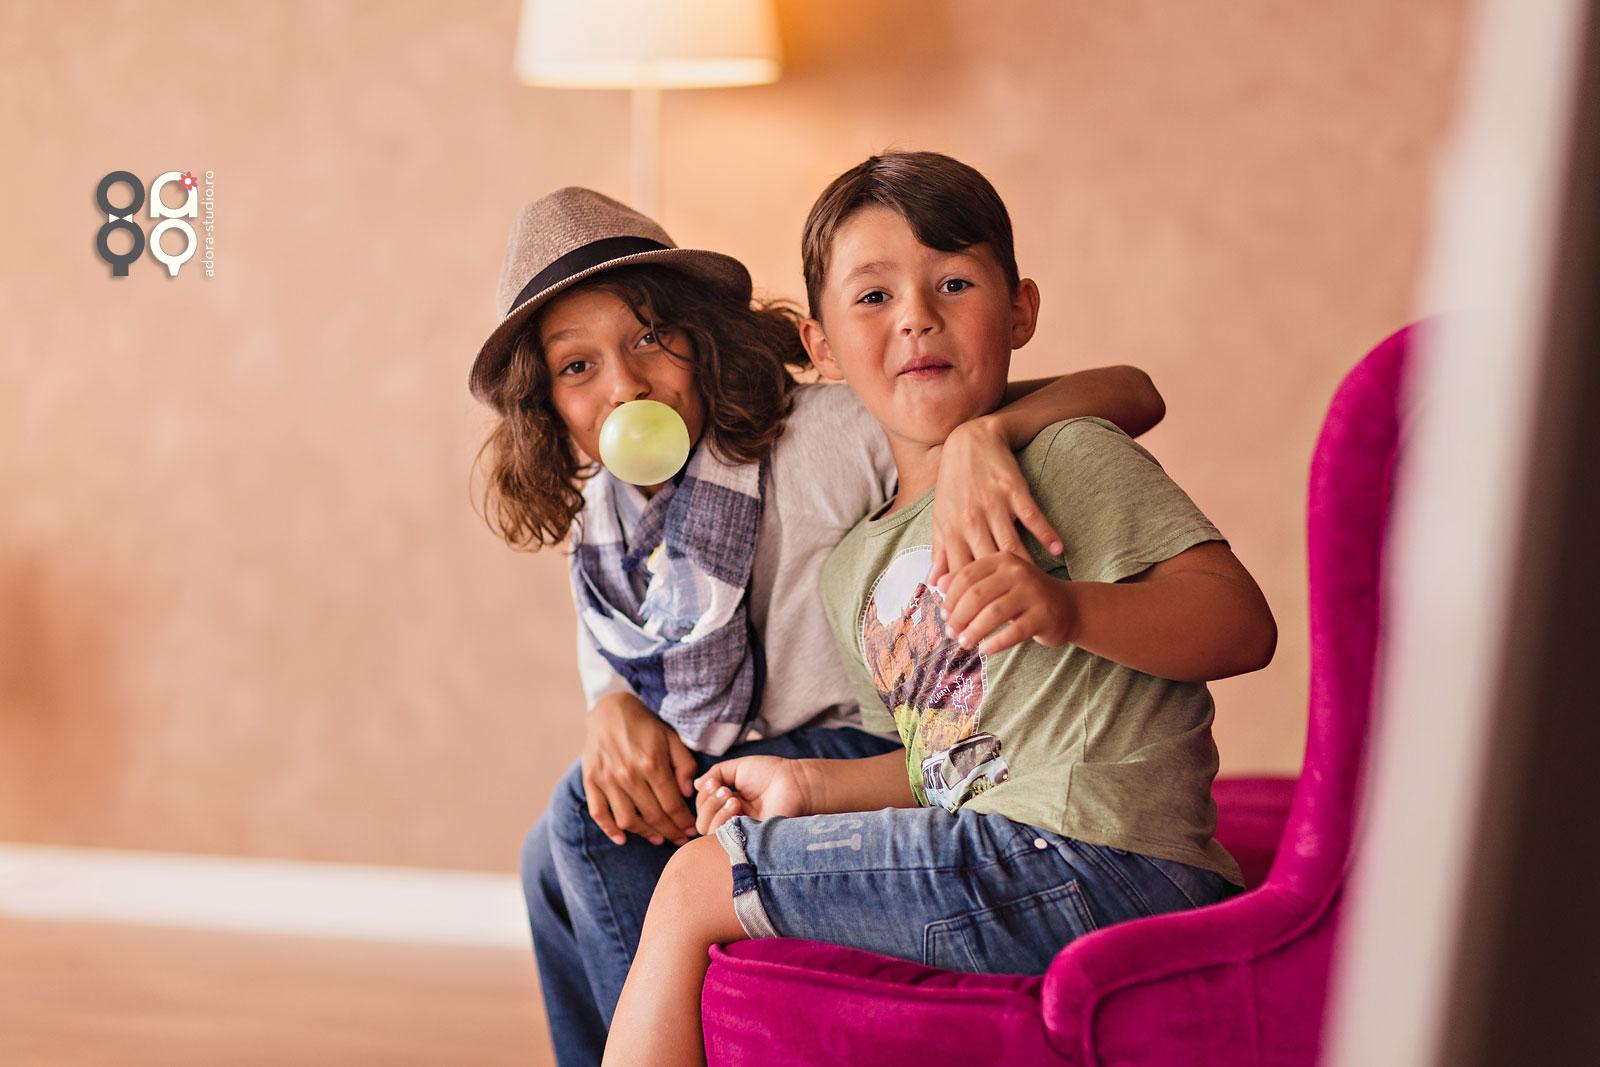 fotografii copii in constanta (2)